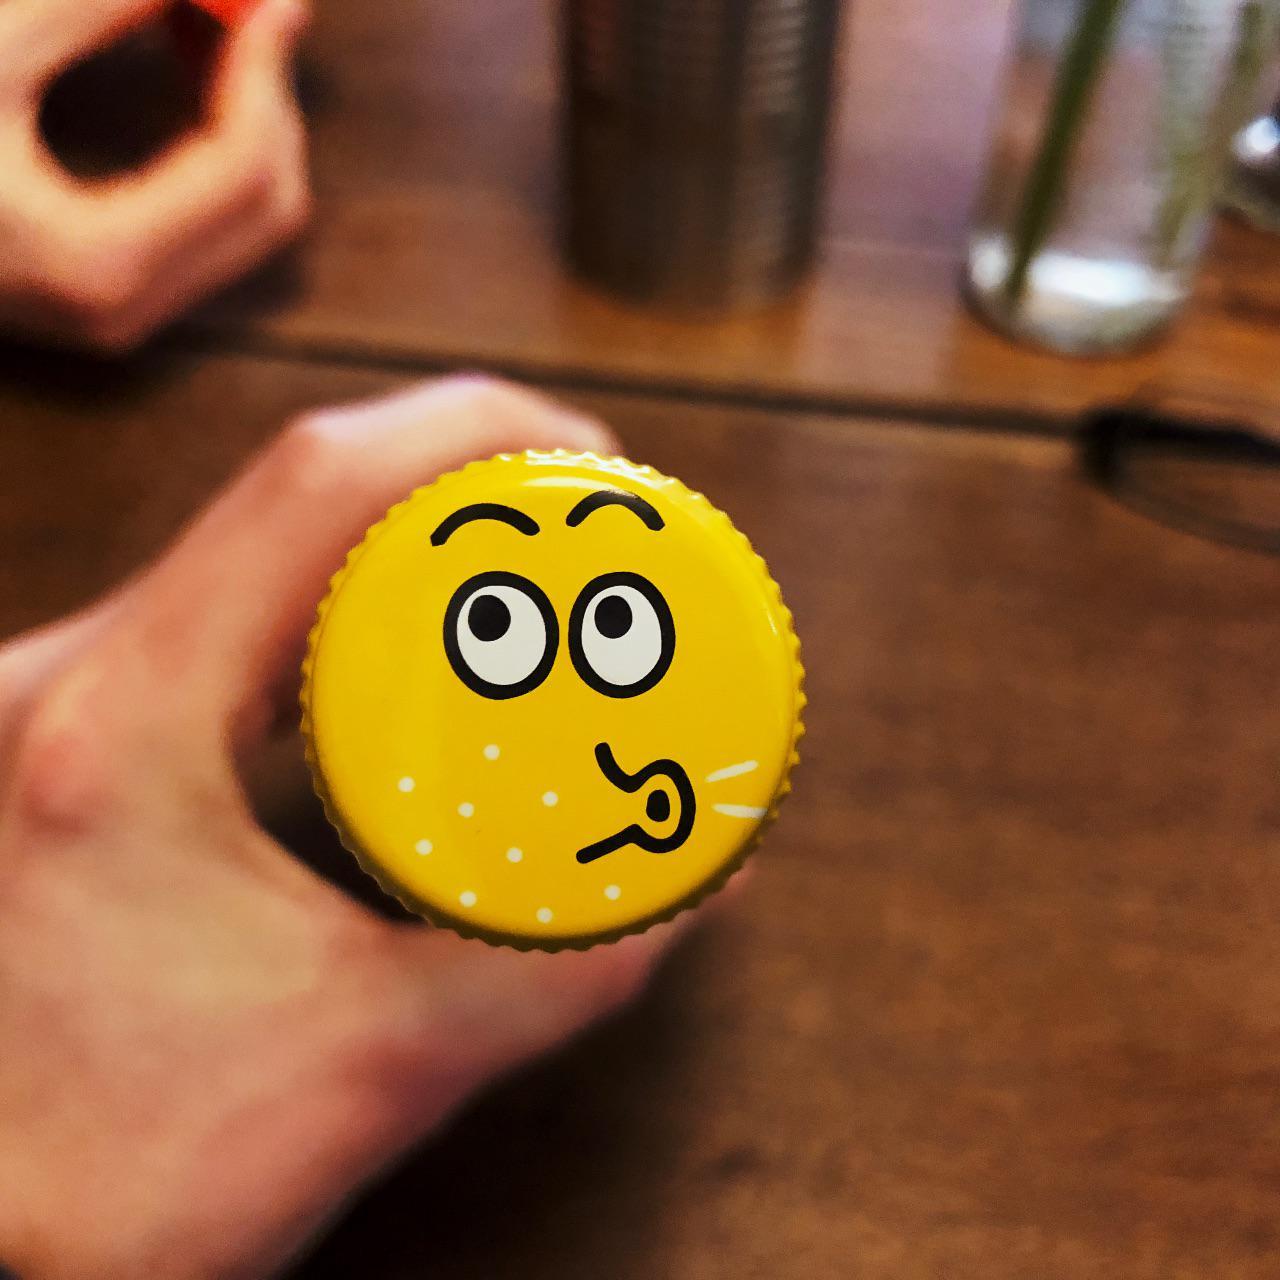 Lemon face